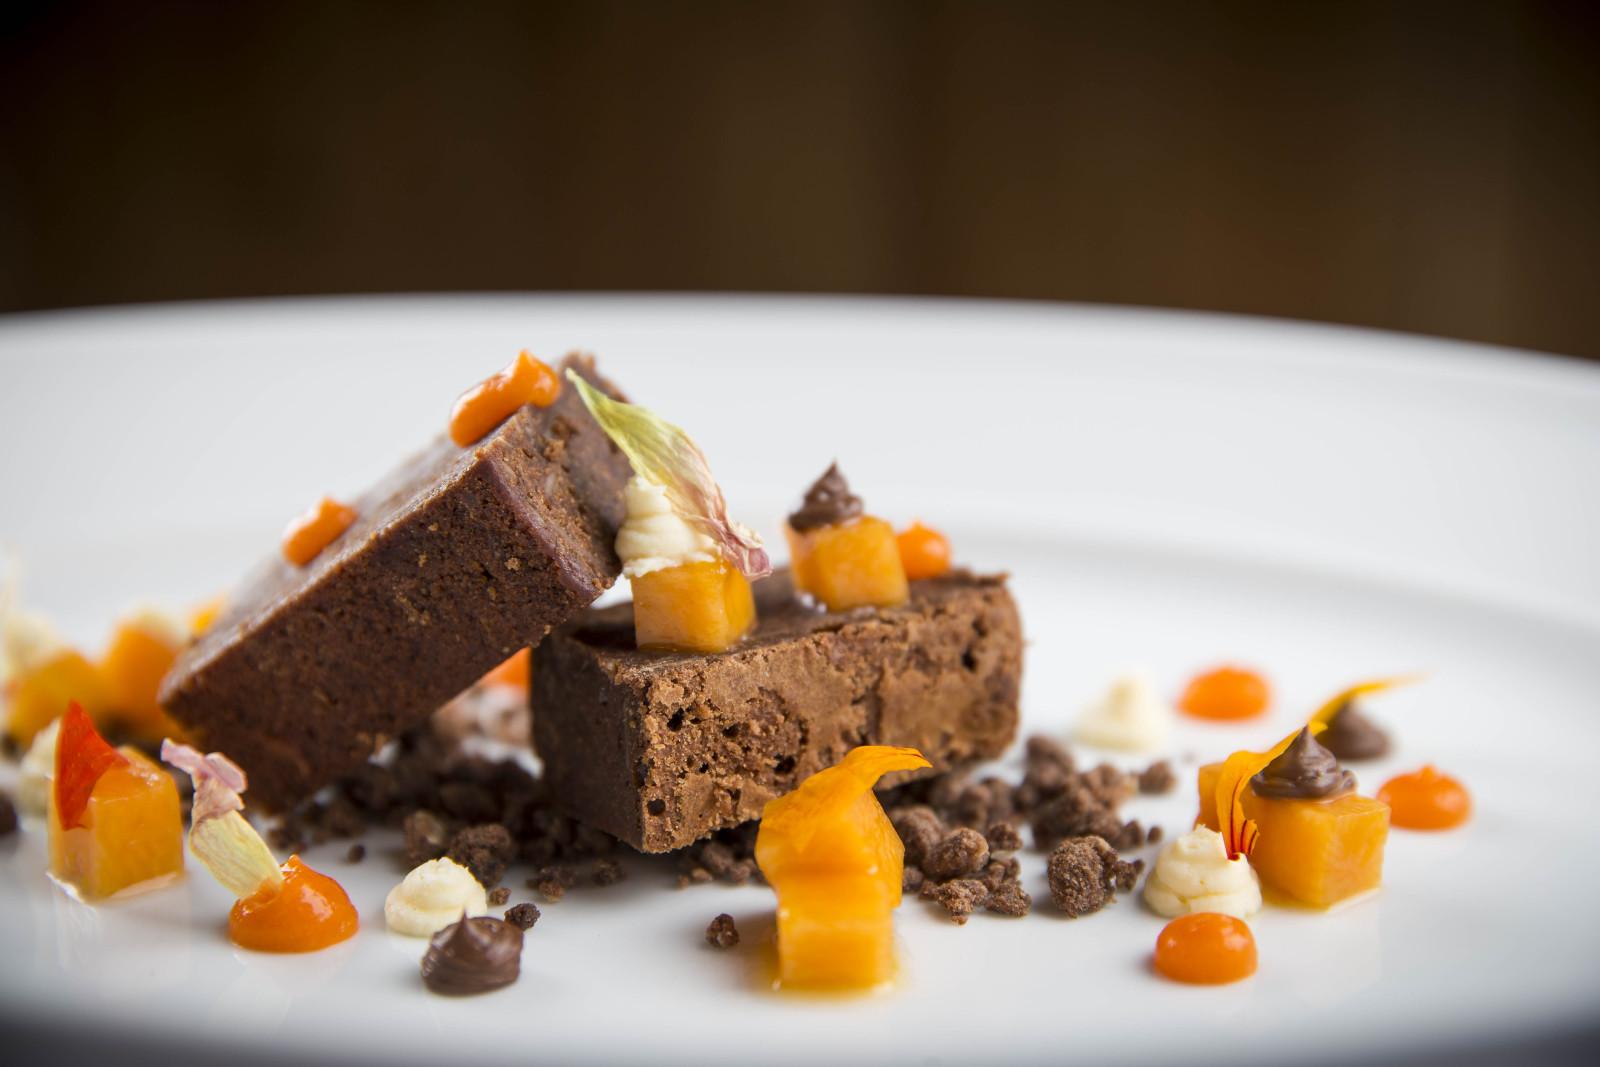 Schokoladenküchlein mit geschmortem Kürbis, einer Kürbiscreme und gesalzener Karamellsauce - klingt mutig, schmeckt hervorragend.